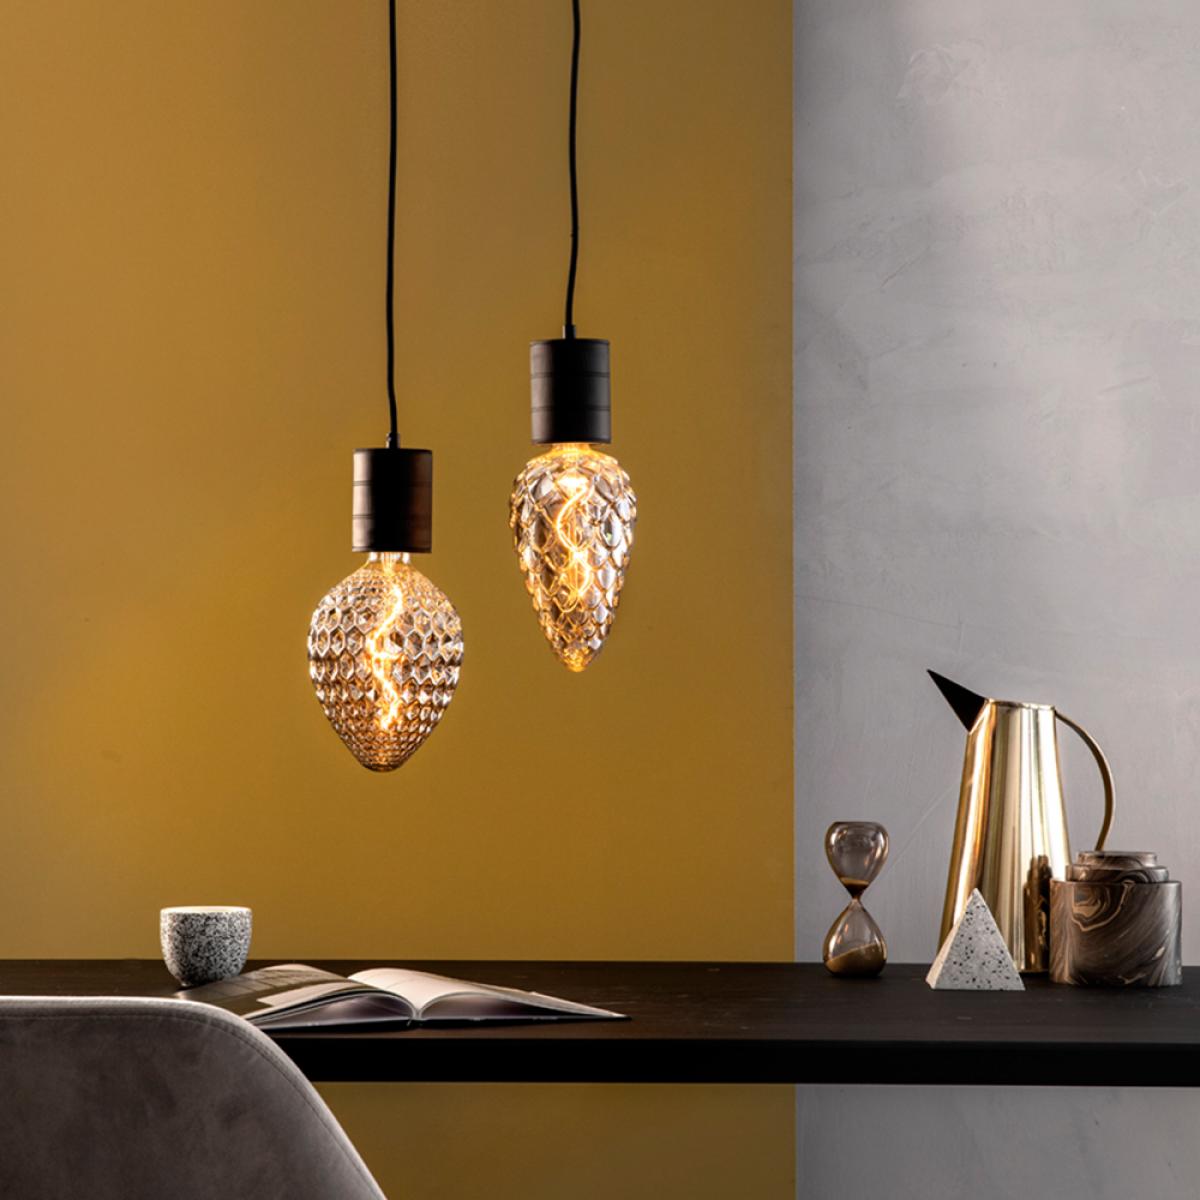 XXL Design LED Glühbirne Madrid - Stilvolle und dimmbare Lampe